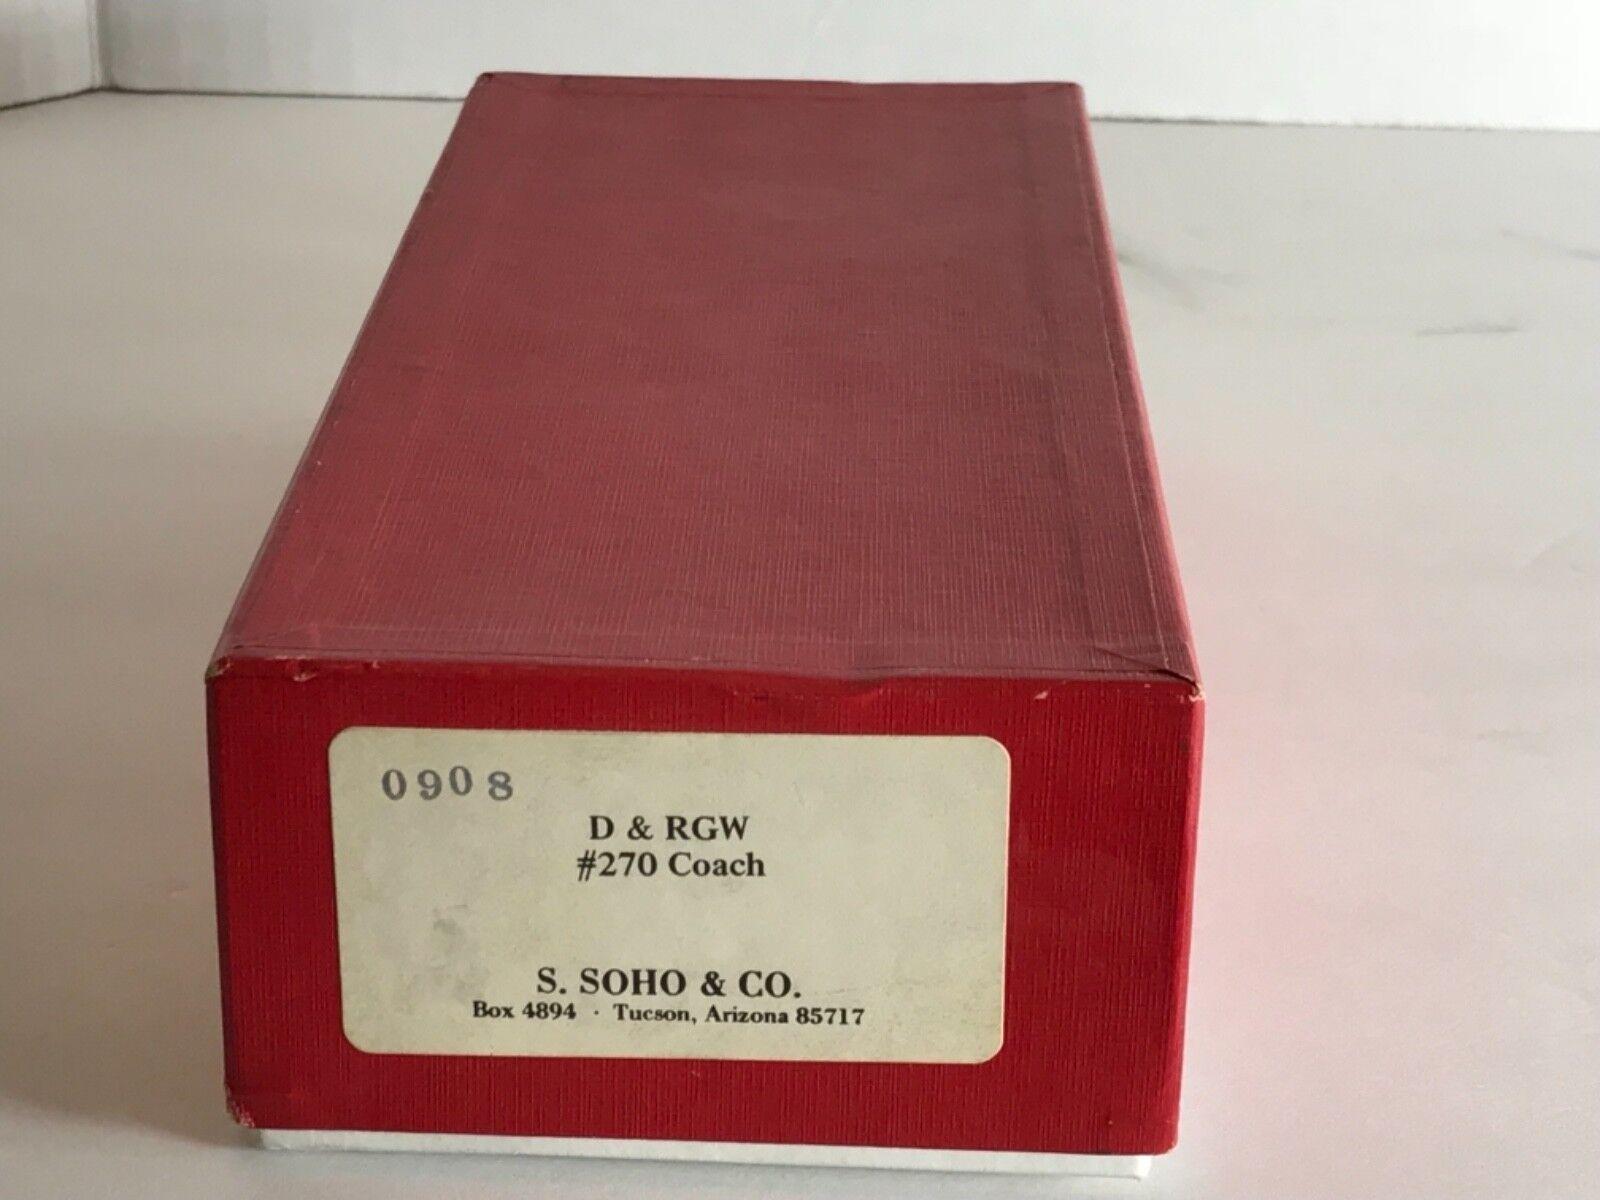 alta calidad general HON3 Latón Modelo Tren-S. Soho & & & Co D&RGW  270 Coche de viajeros  ahorrar en el despacho